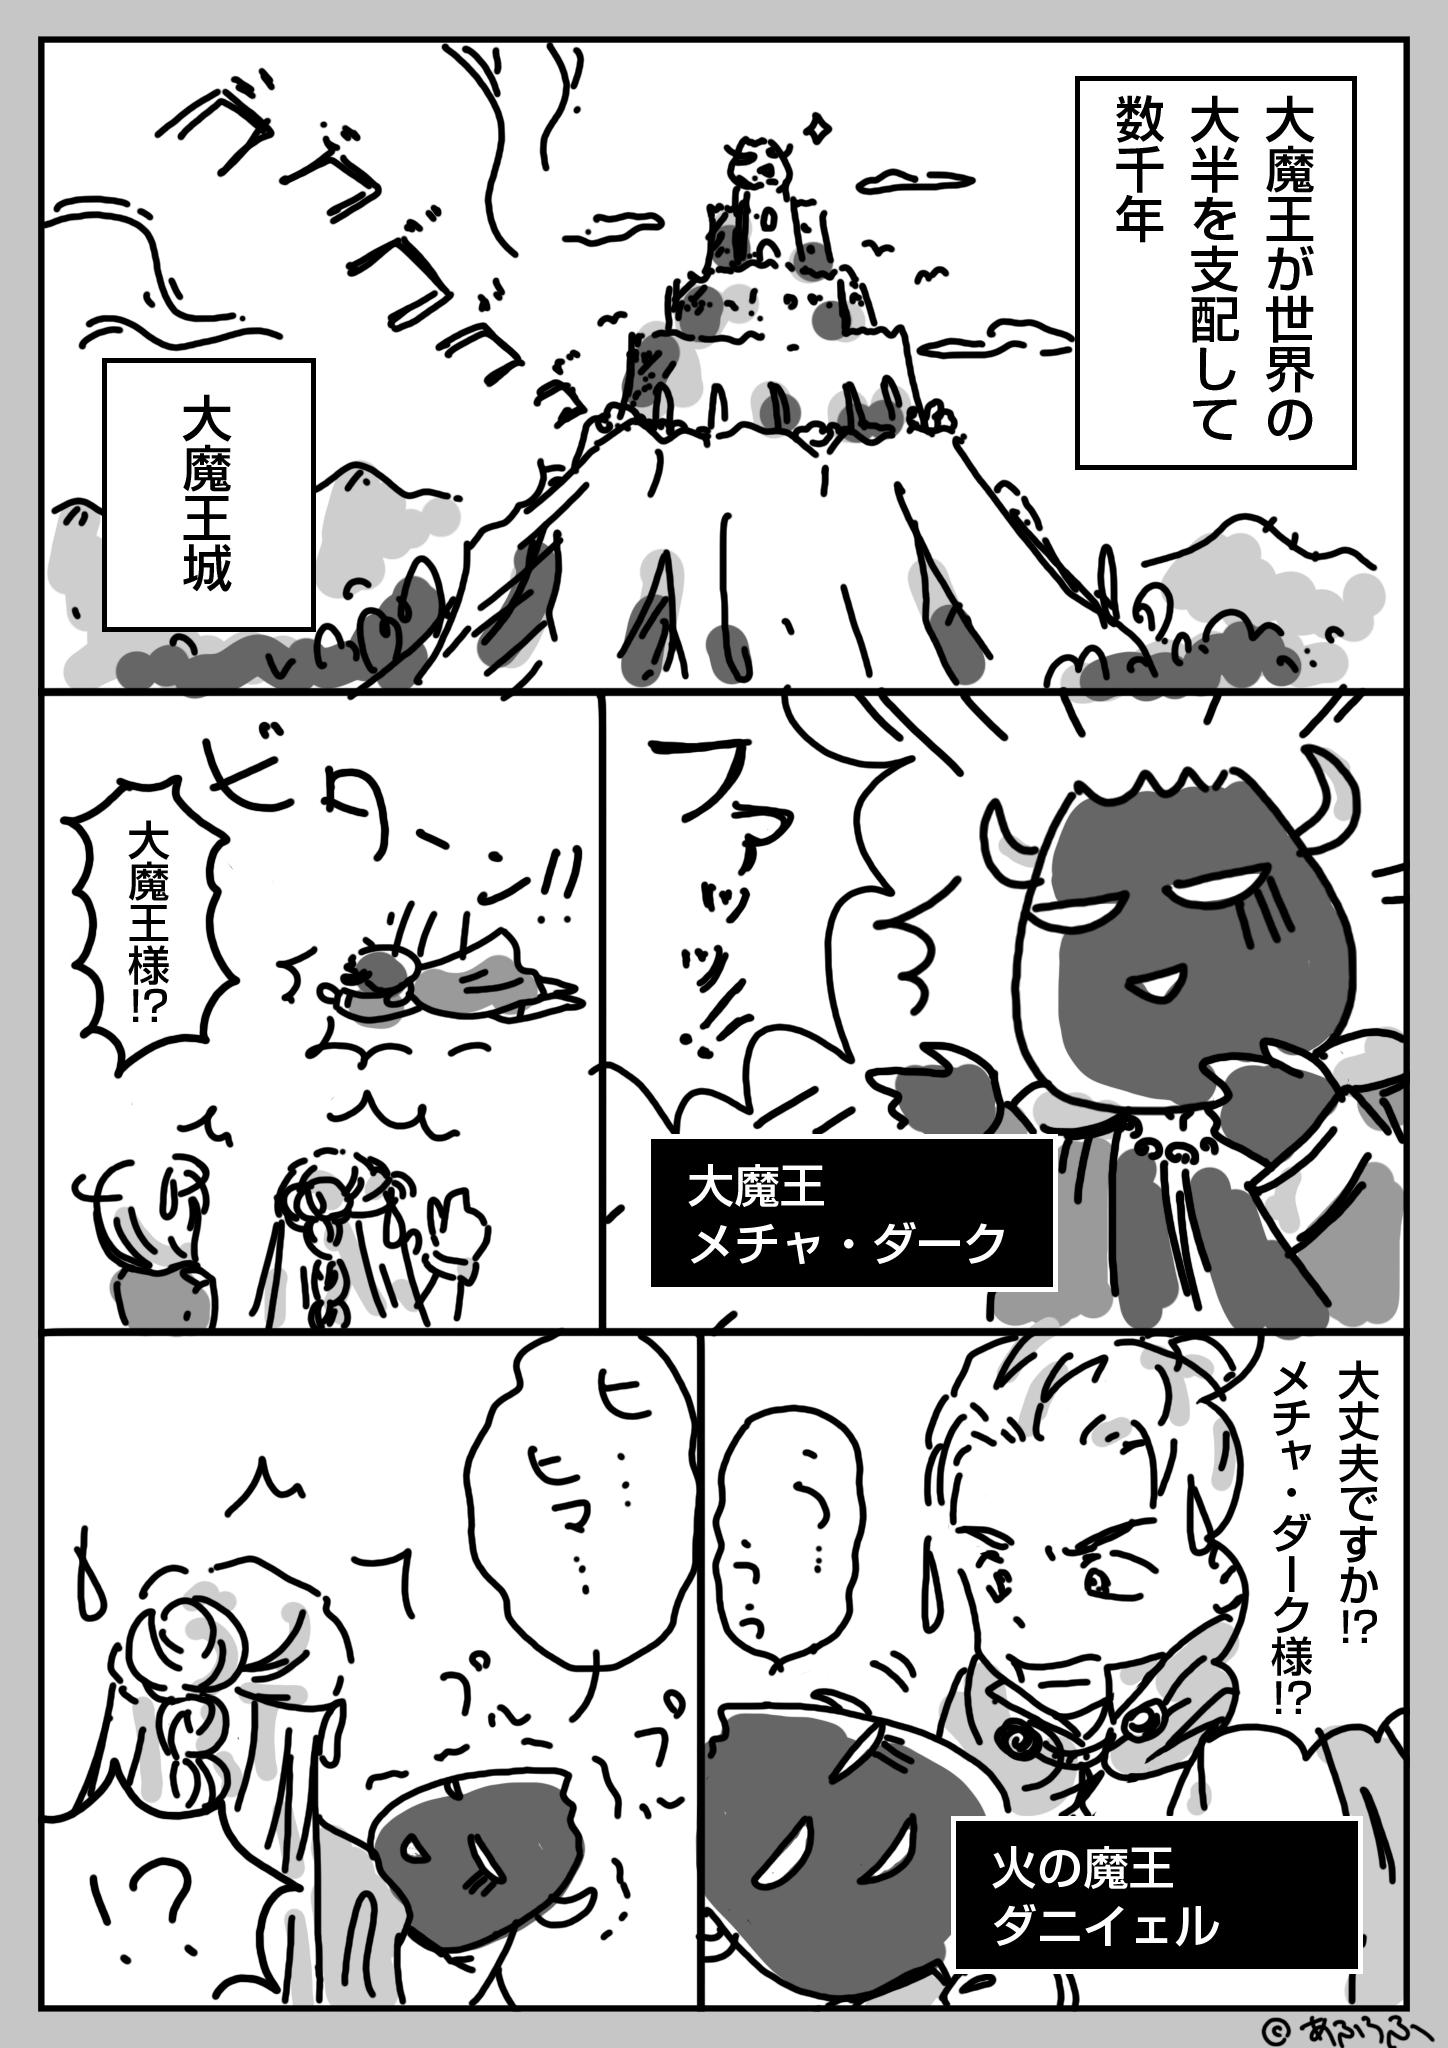 1話(1)『大魔王メチャ・ダークとゆかいな魔王たち』